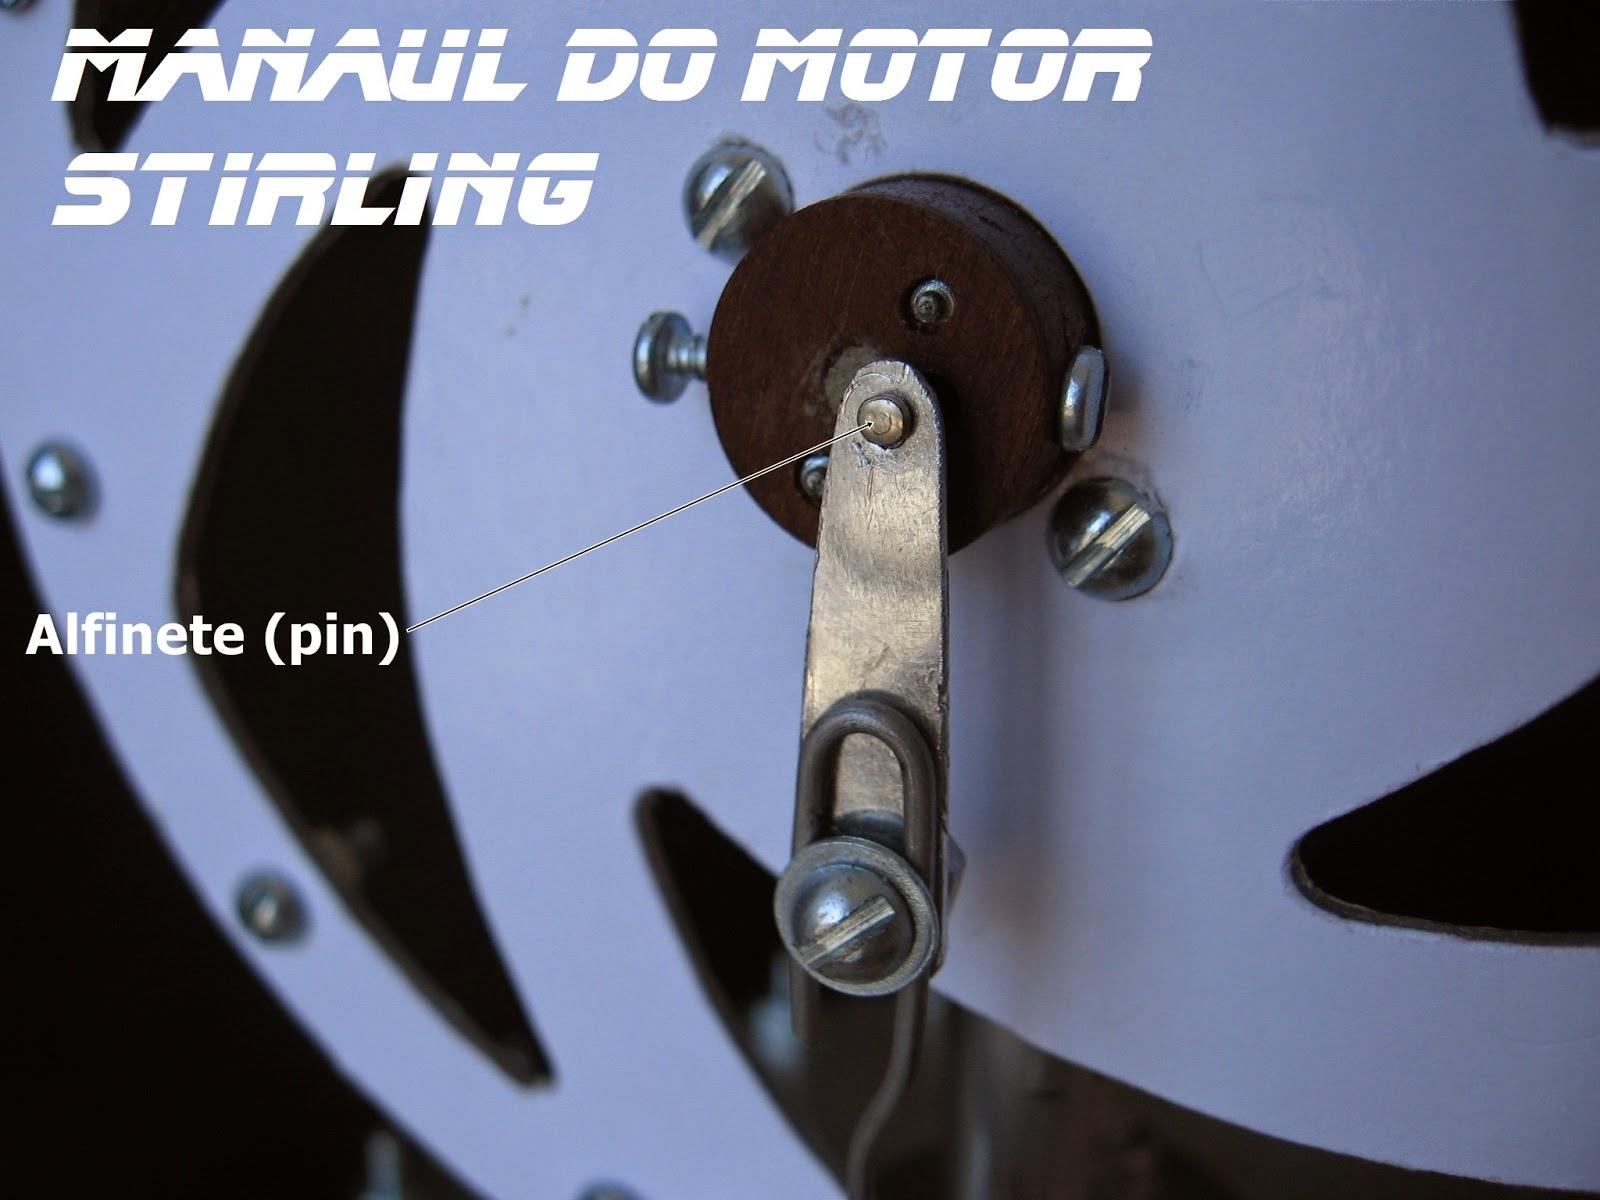 Motor Stirling LTD Gama caseiro, uso de alfinete na manivela do virabrequim